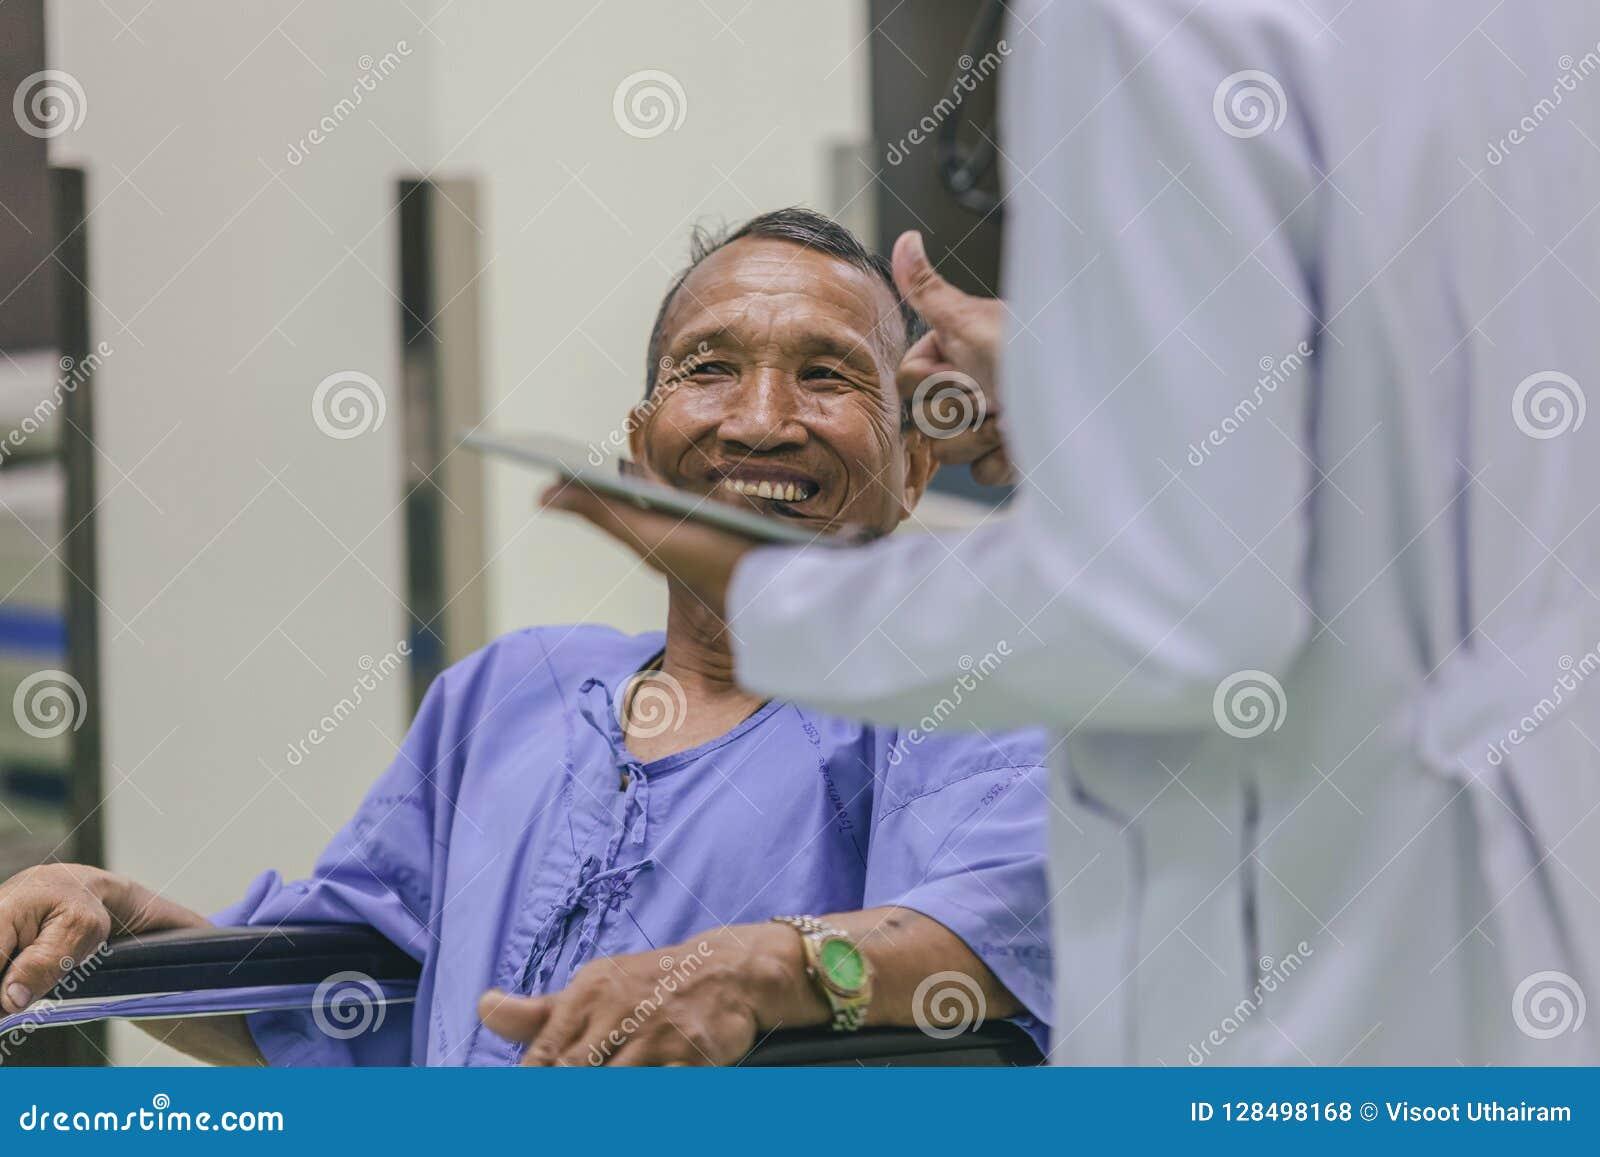 Aziatische patiënt in rolstoel zitting in het ziekenhuis met Aziatische docto